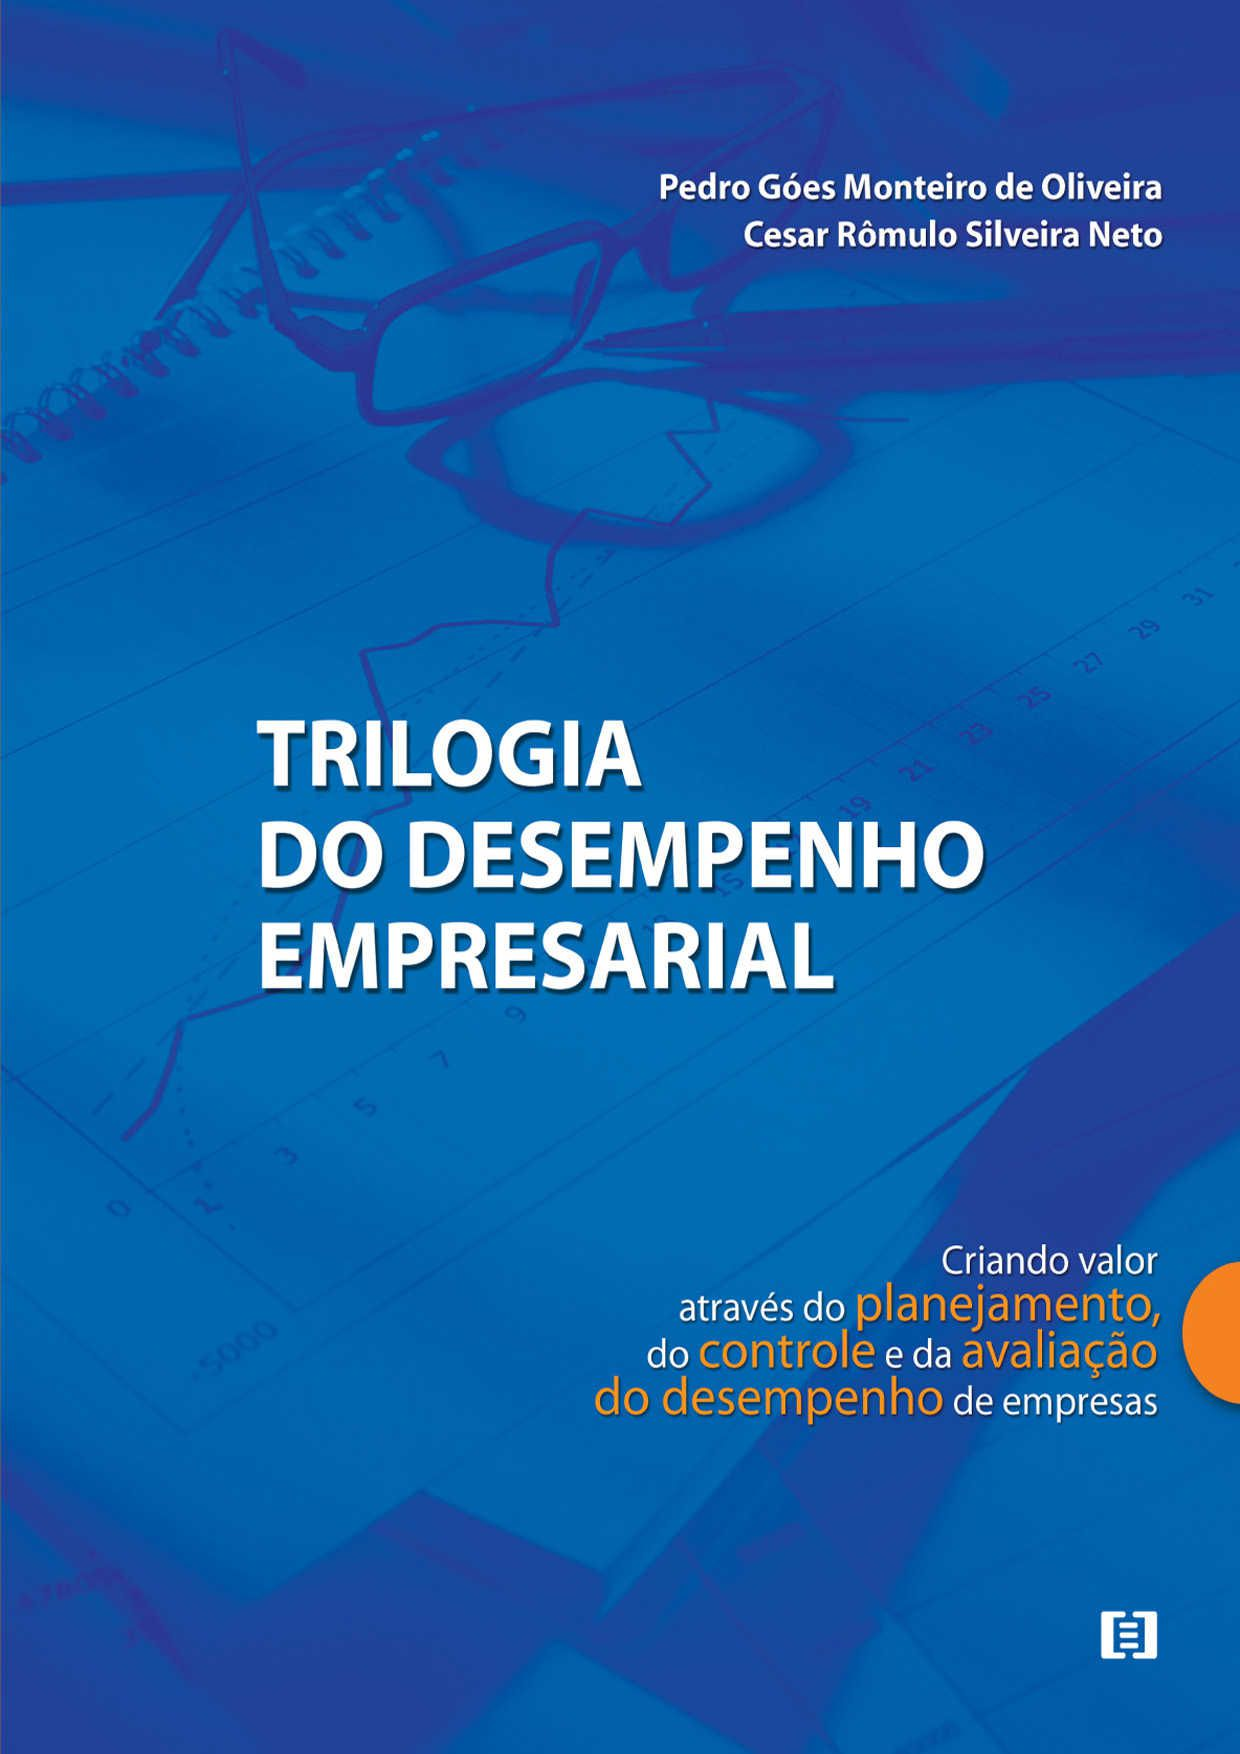 Trilogia do desempenho empresarial: Criando valor através do planejamento, do controle e da avaliação do desempenho de empresas